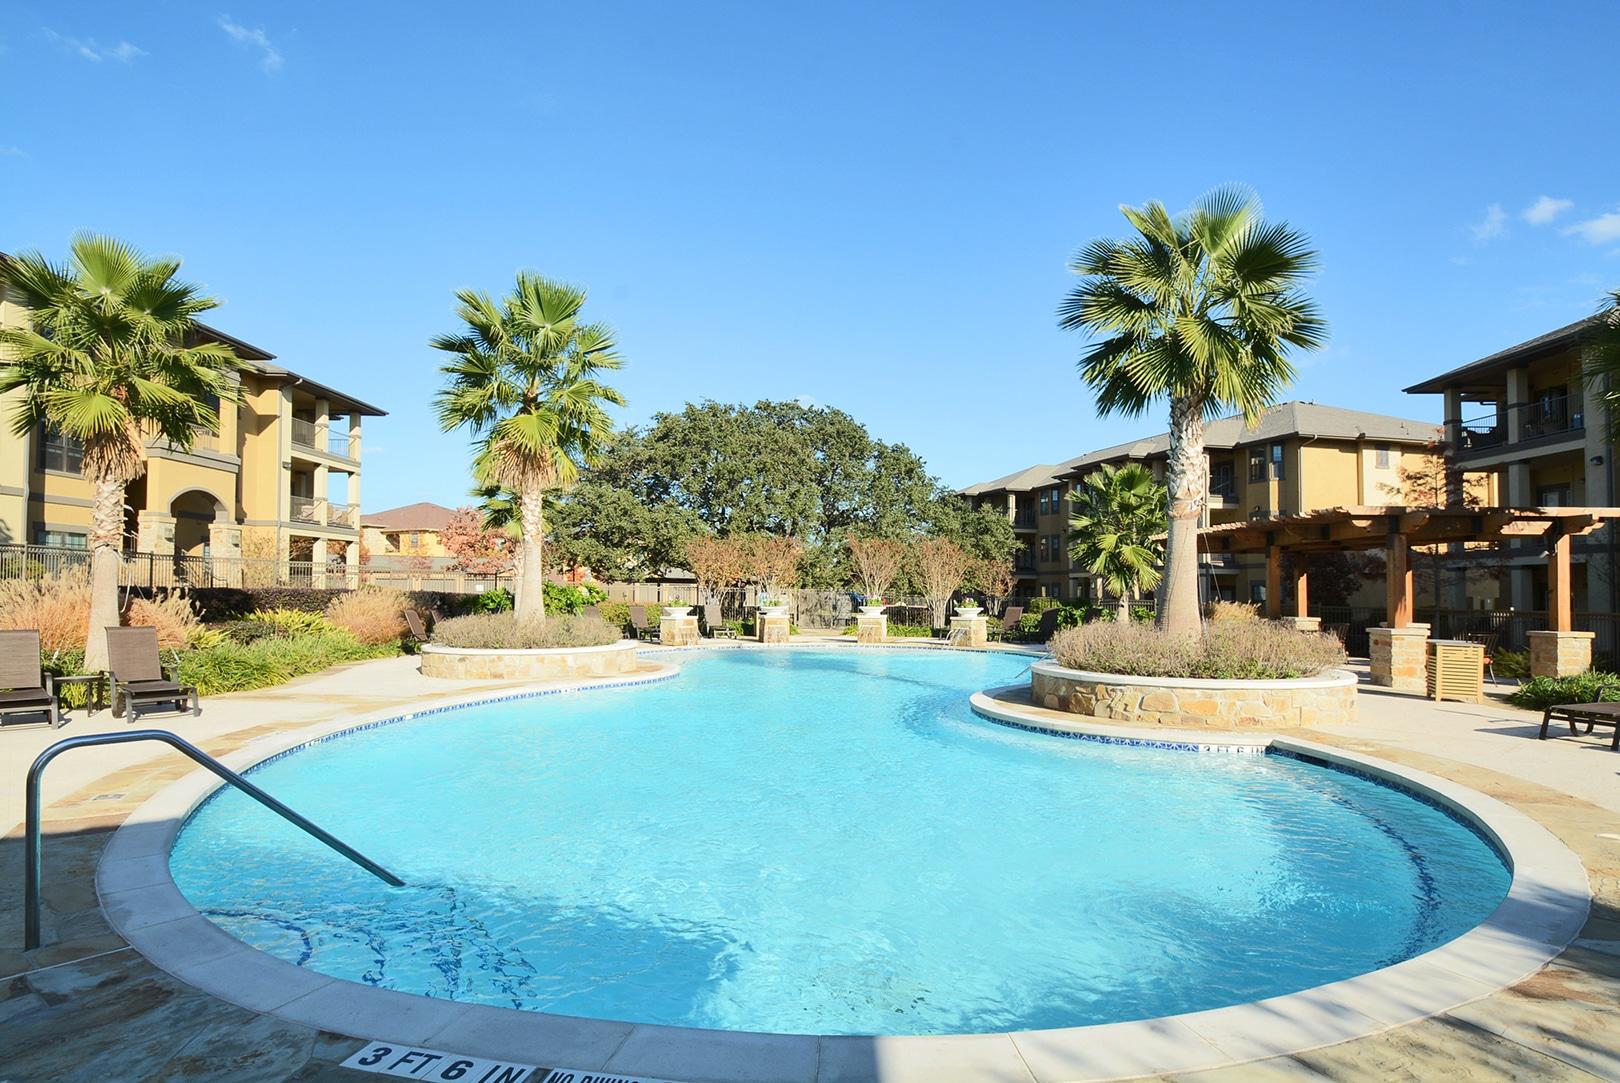 Apartments For Rent Near San Antonio Texas